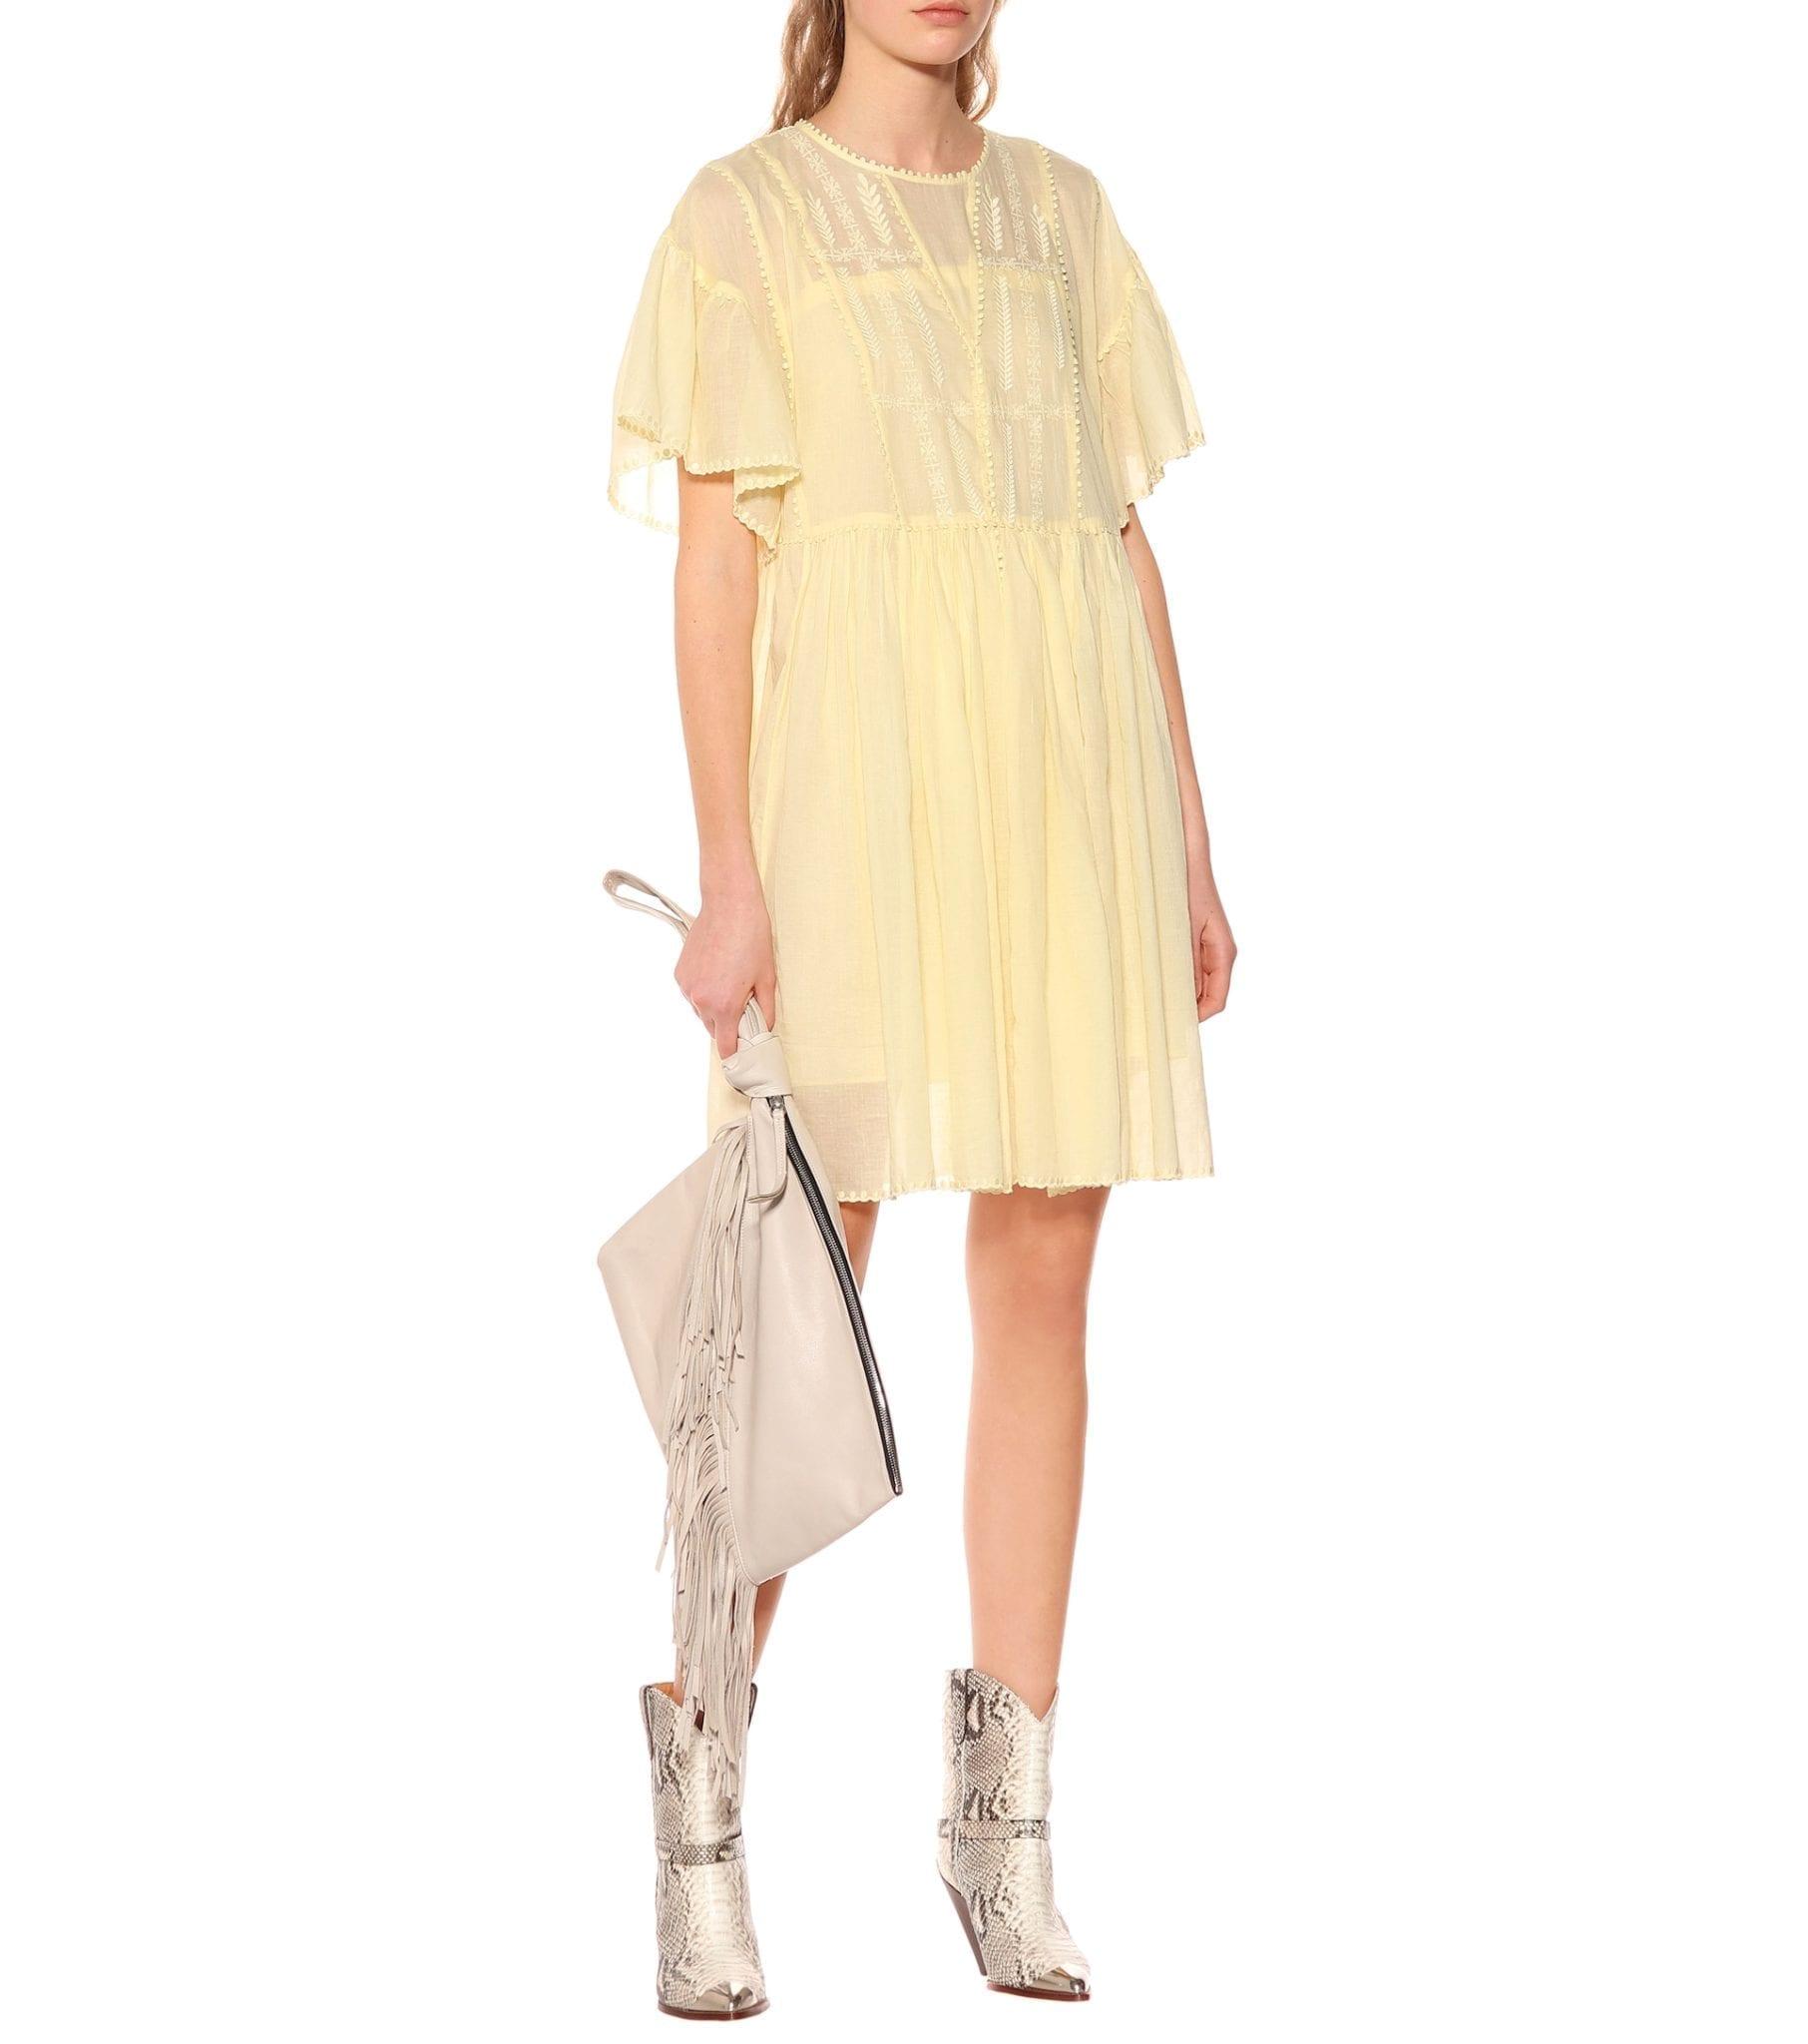 ISABEL MARANT ÉTOILE Annaelle Cotton Lace Mini Yellow Dress